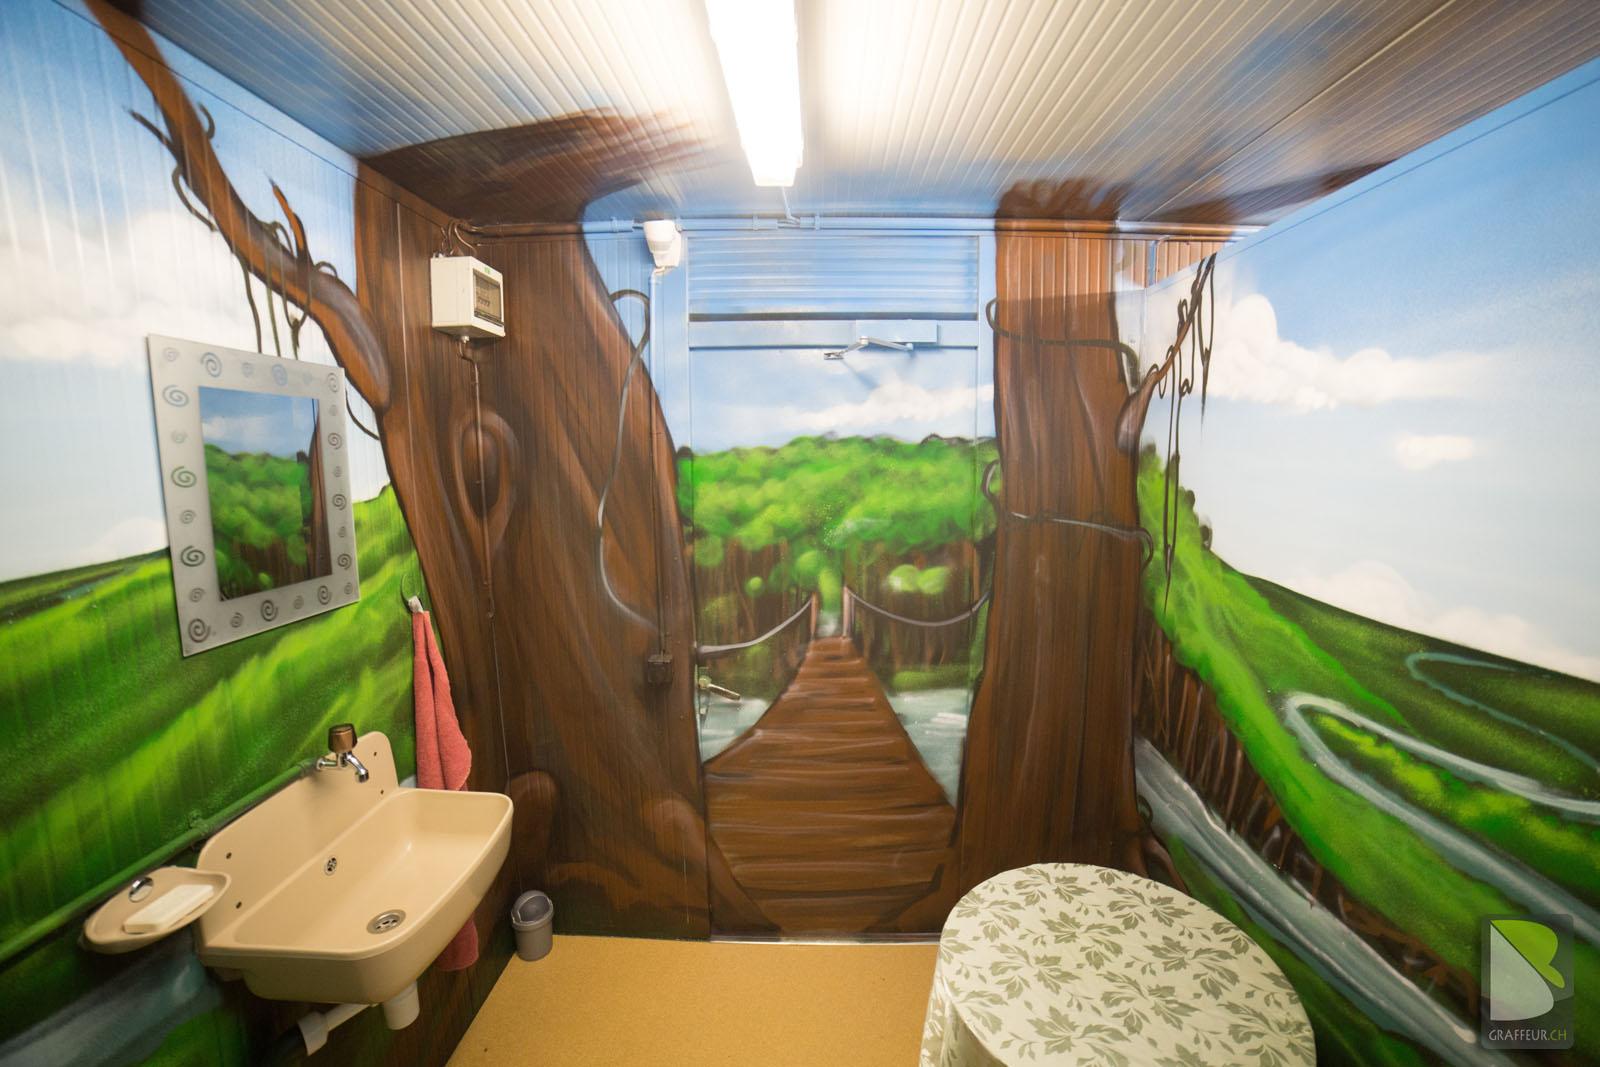 Jeux De Décoration De Salle De Bain décoration nature salle de bain